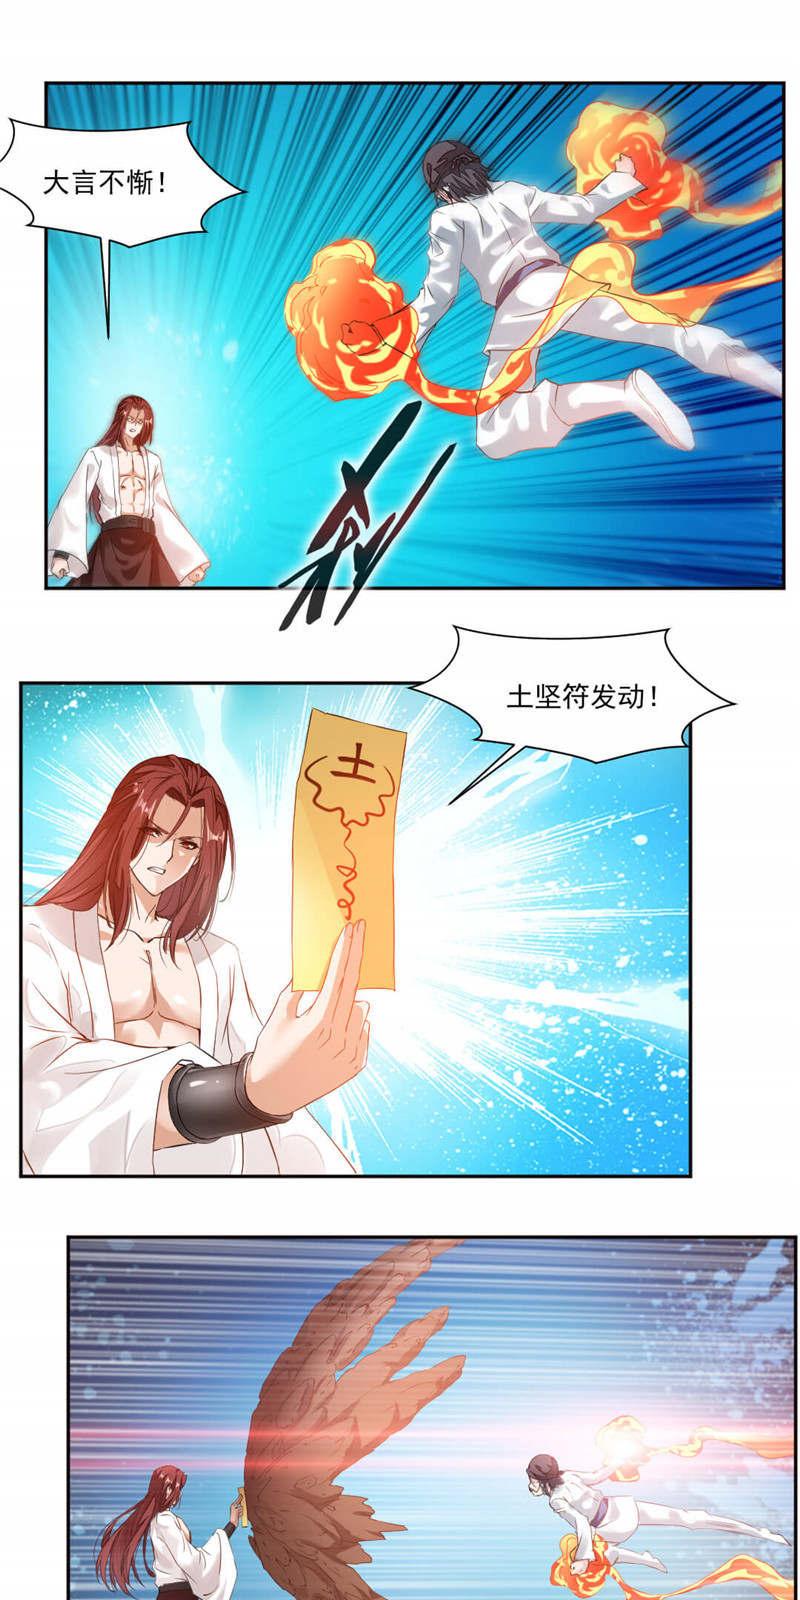 九阳神王第25话  对决! 第 8